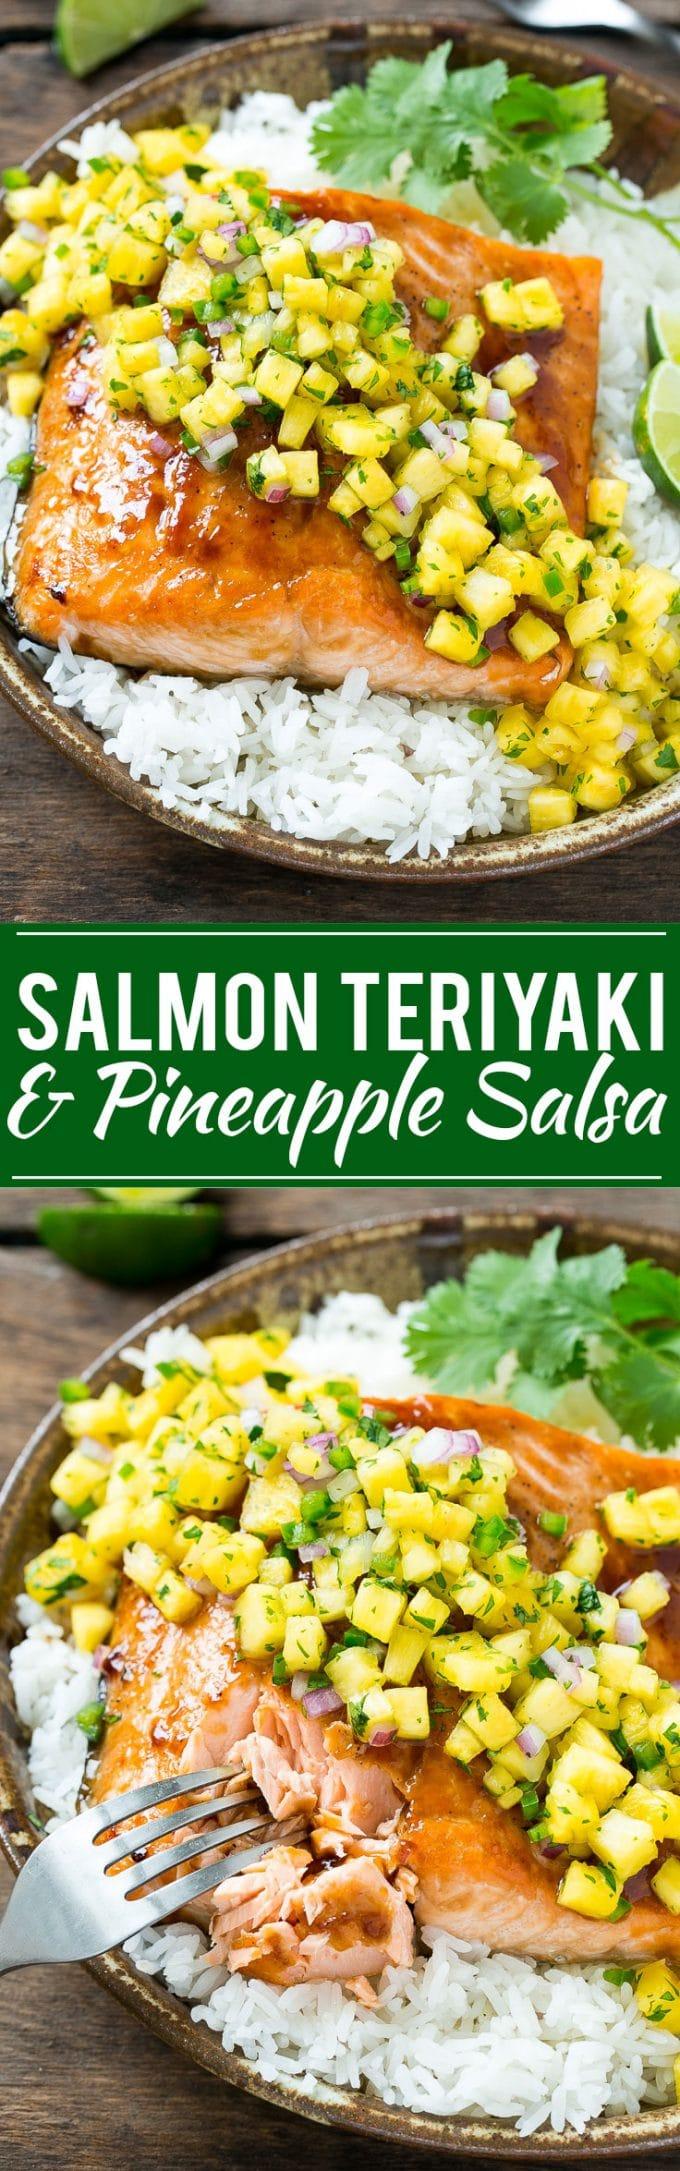 Salmon Teriyaki with Pineapple Salsa   Salmon Teriyaki   Best Salmon Teriyaki   Easy Salmon Teriyaki   Pineapple Salsa